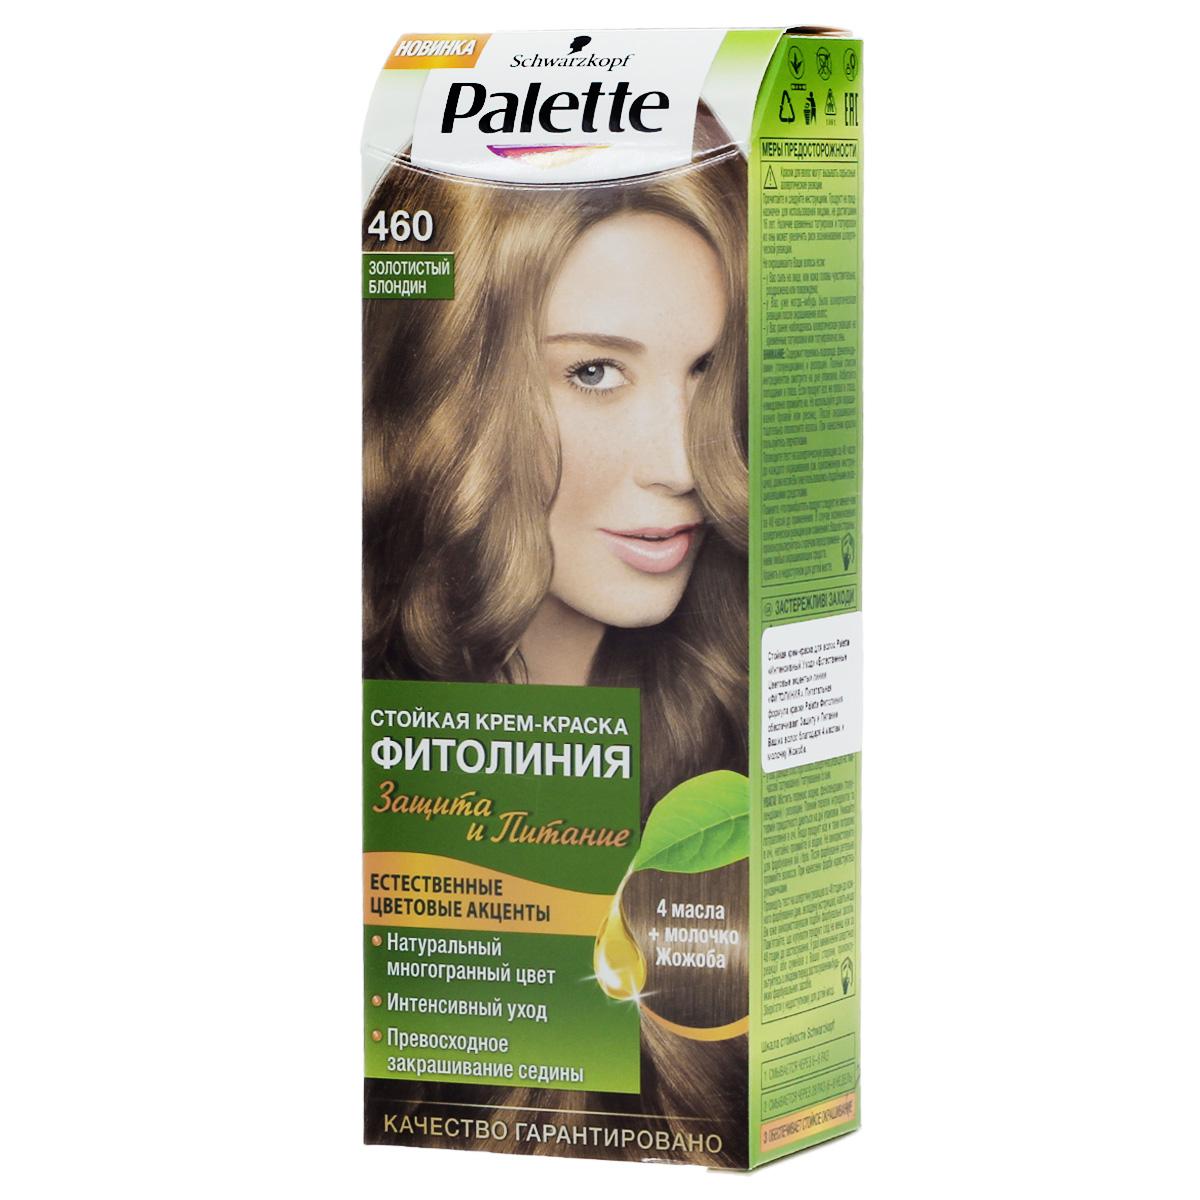 PALETTE Краска для волос ФИТОЛИНИЯ оттенок 460 Золотистый блондин, 110 мл9352540Откройте для себя больше ухода для более интенсивного цвета: новая питающая крем-краска Palette Фитолиния, обогащенная 4 маслами и молочком Жожоба. Насладитесь невероятно мягкими и сияющими волосами, полными естественного сияния цвета и стойкой интенсивности. Питательная формула обеспечивает надежную защиту во время и после окрашивания и поразительно глубокий уход. А интенсивные красящие пигменты отвечают за насыщенный и стойкий результат на ваших волосах. Побалуйте себя широким выбором натуральных оттенков, ведь палитра Palette Фитолиния предлагает оригинальную подборку оттенков для создания естественных цветовых акцентов и глубокого многогранного цвета.